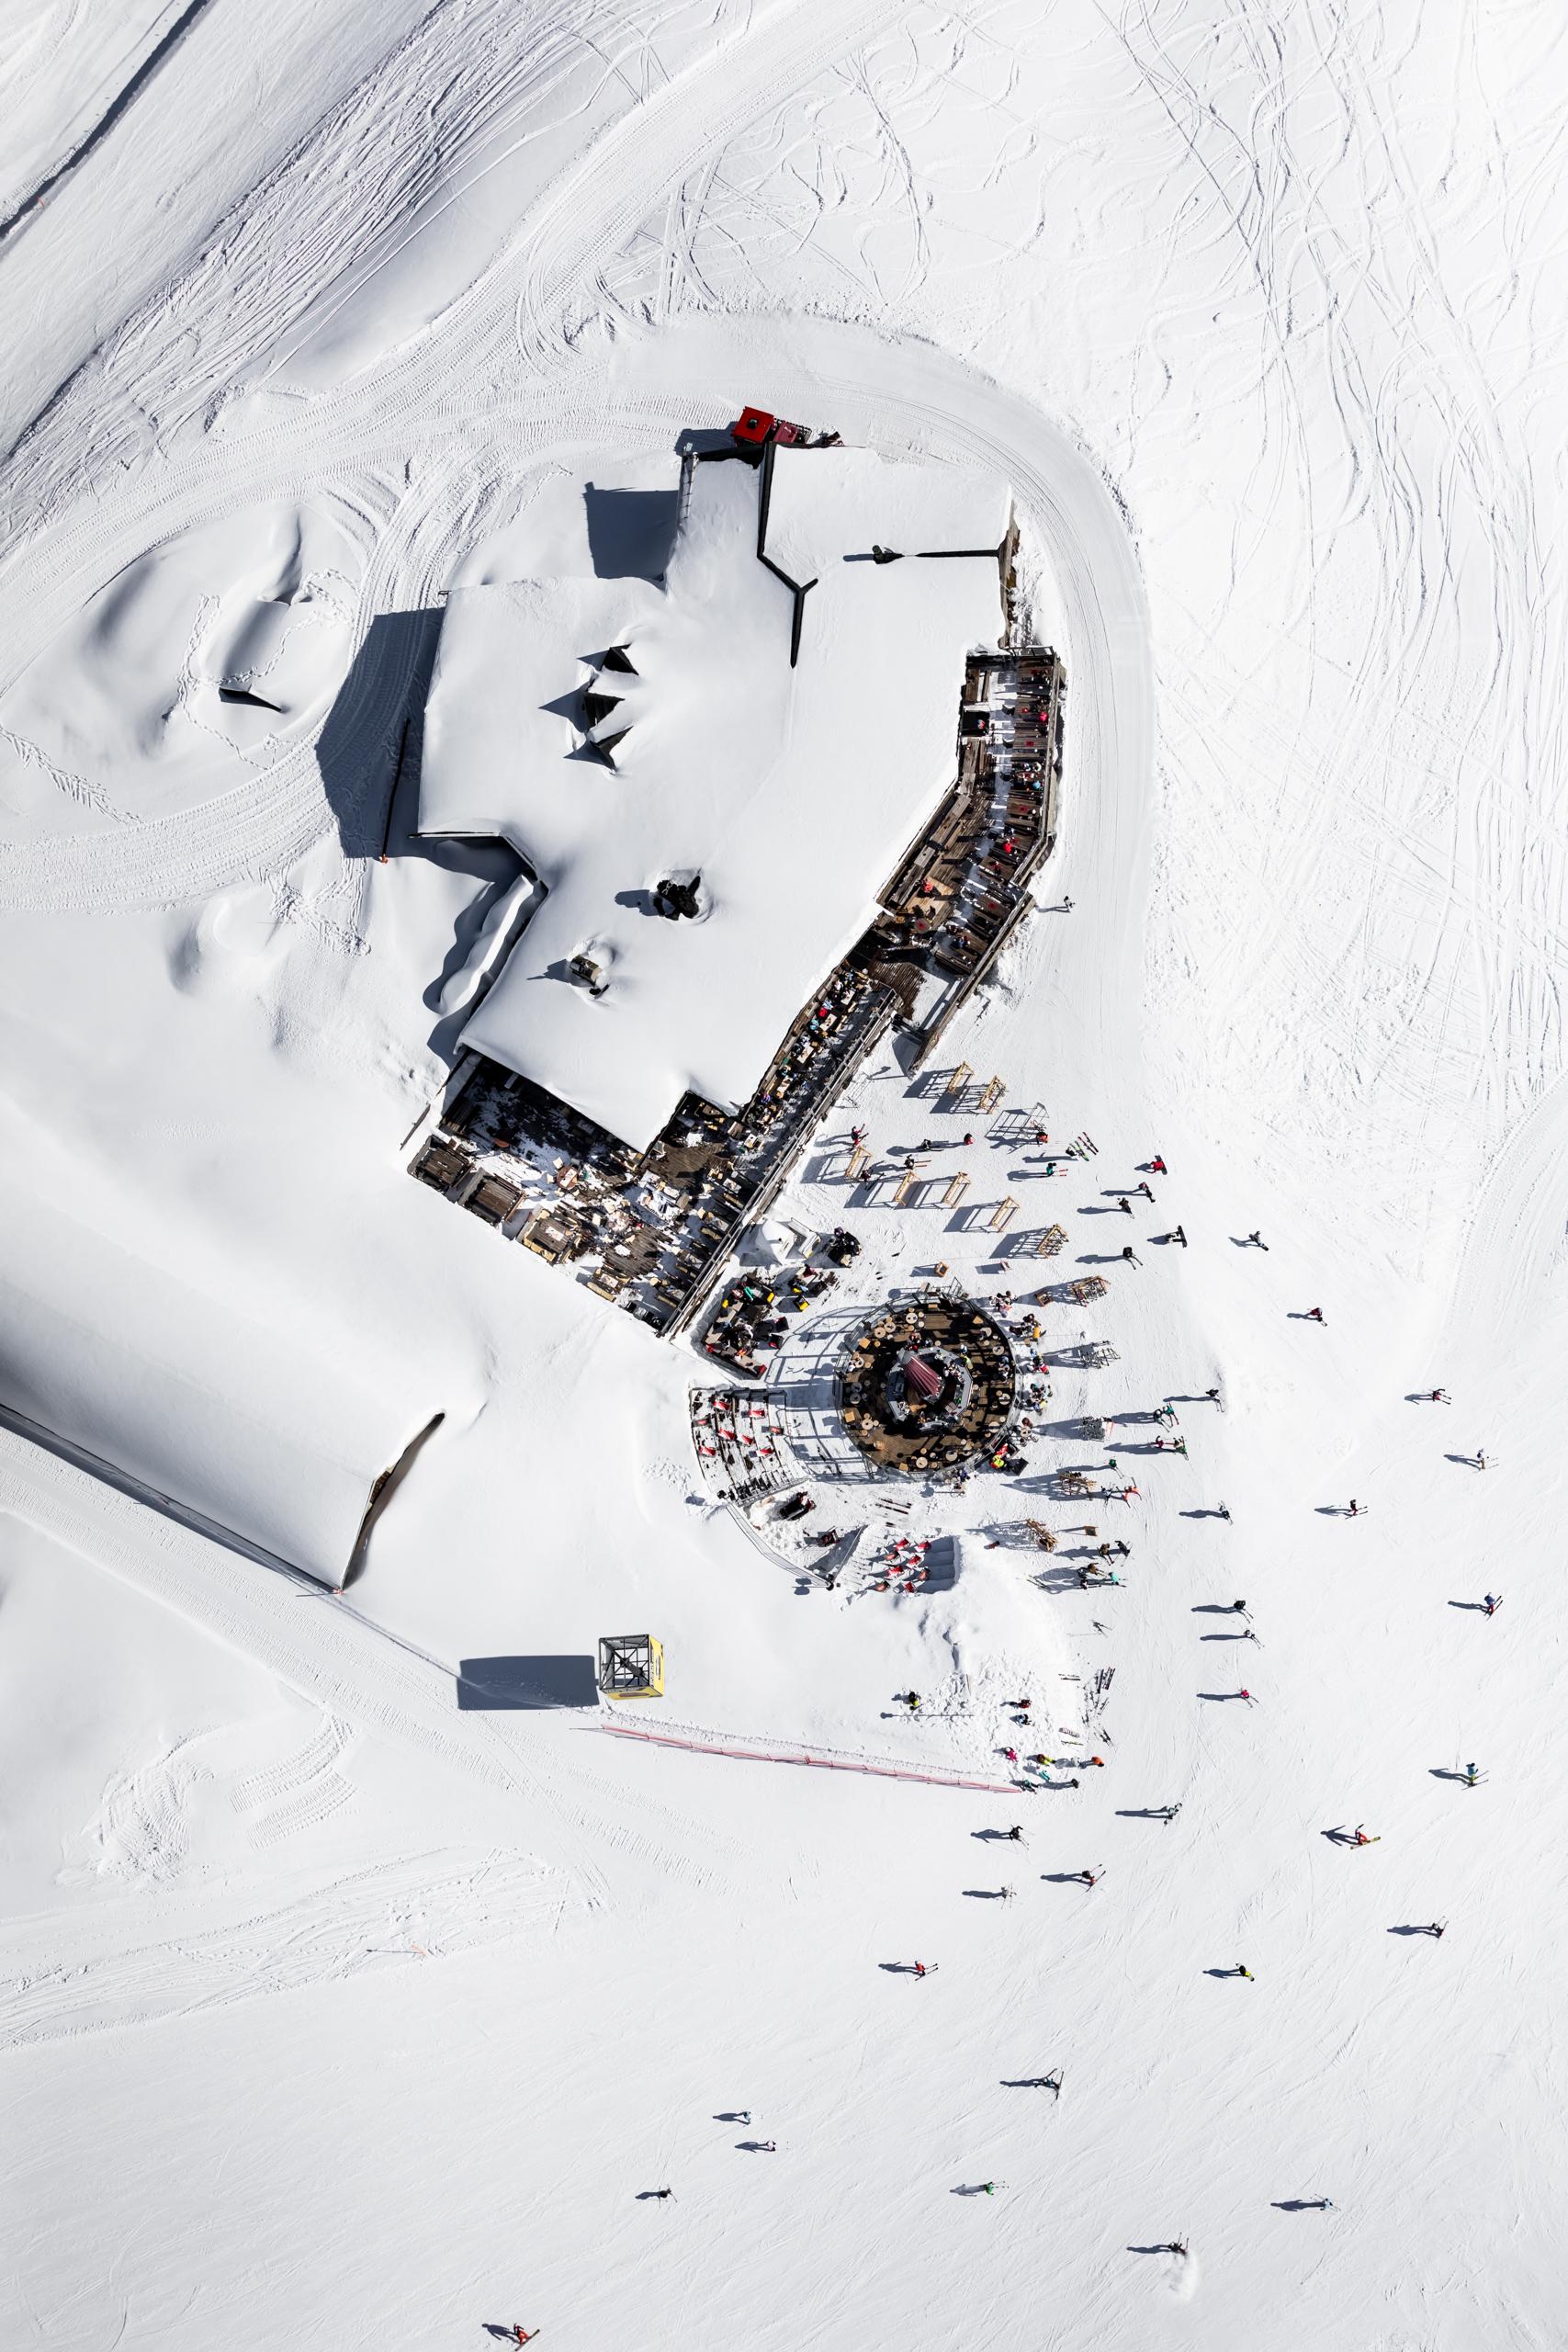 slopeSeries N°3 - Alp Stätz